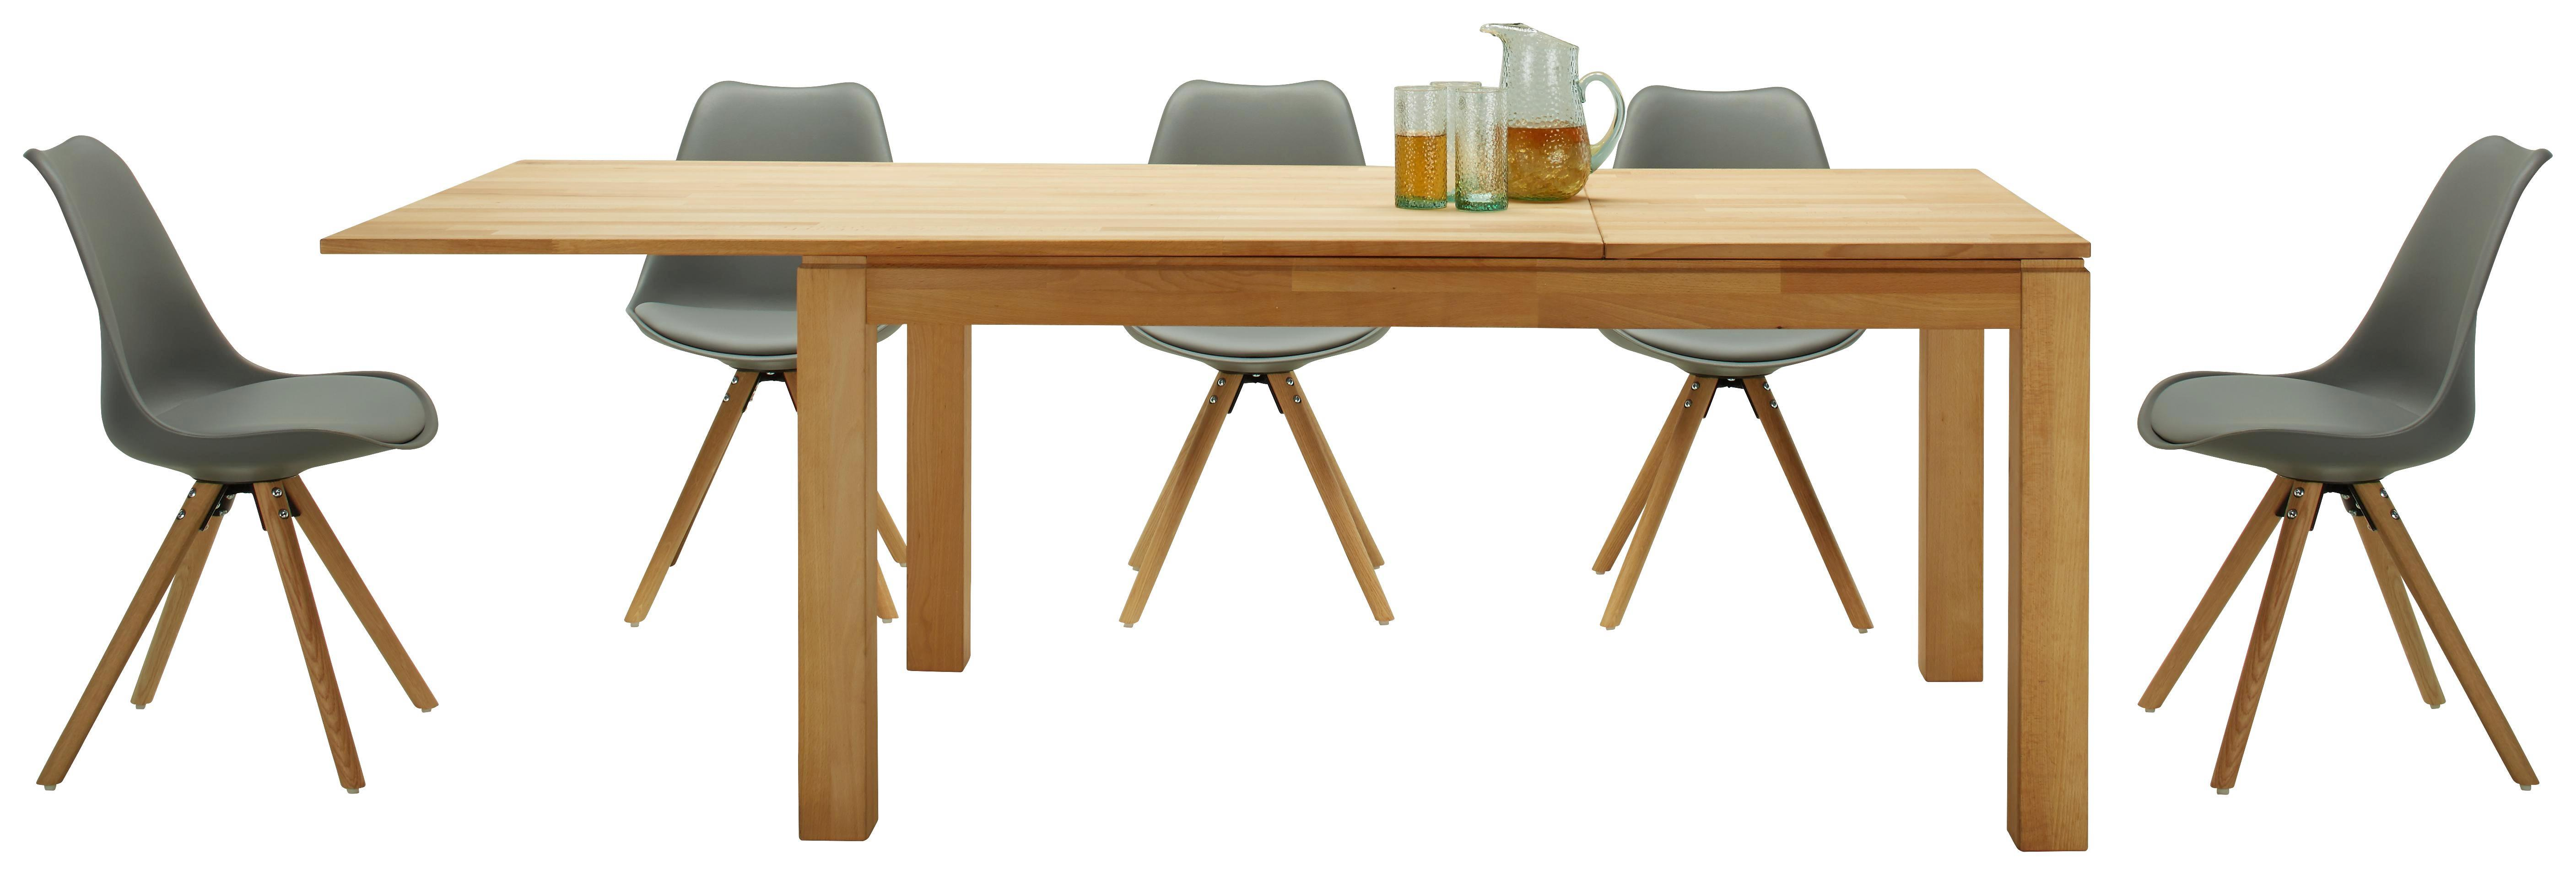 Stuhl in Grau/eiche - Eichefarben/Grau, MODERN, Holz/Kunststoff (47/81/52cm) - MÖMAX modern living